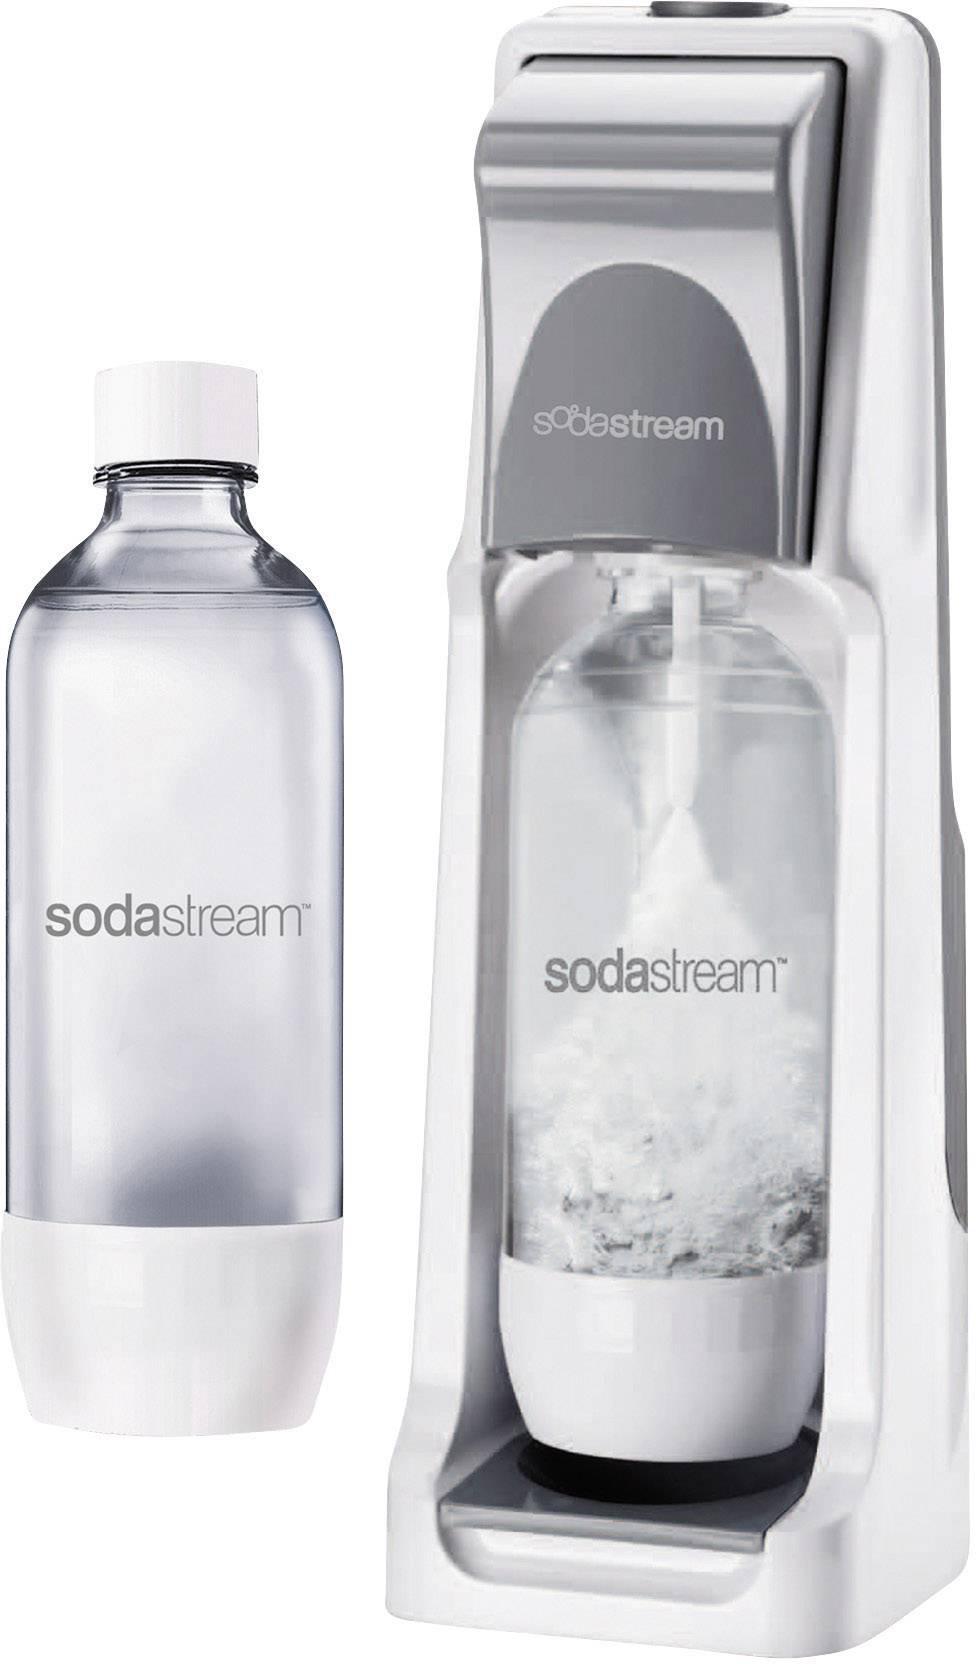 Sodastream Soda Maker Cool Super Pack Grey Soda Maker Incl 2x Pet